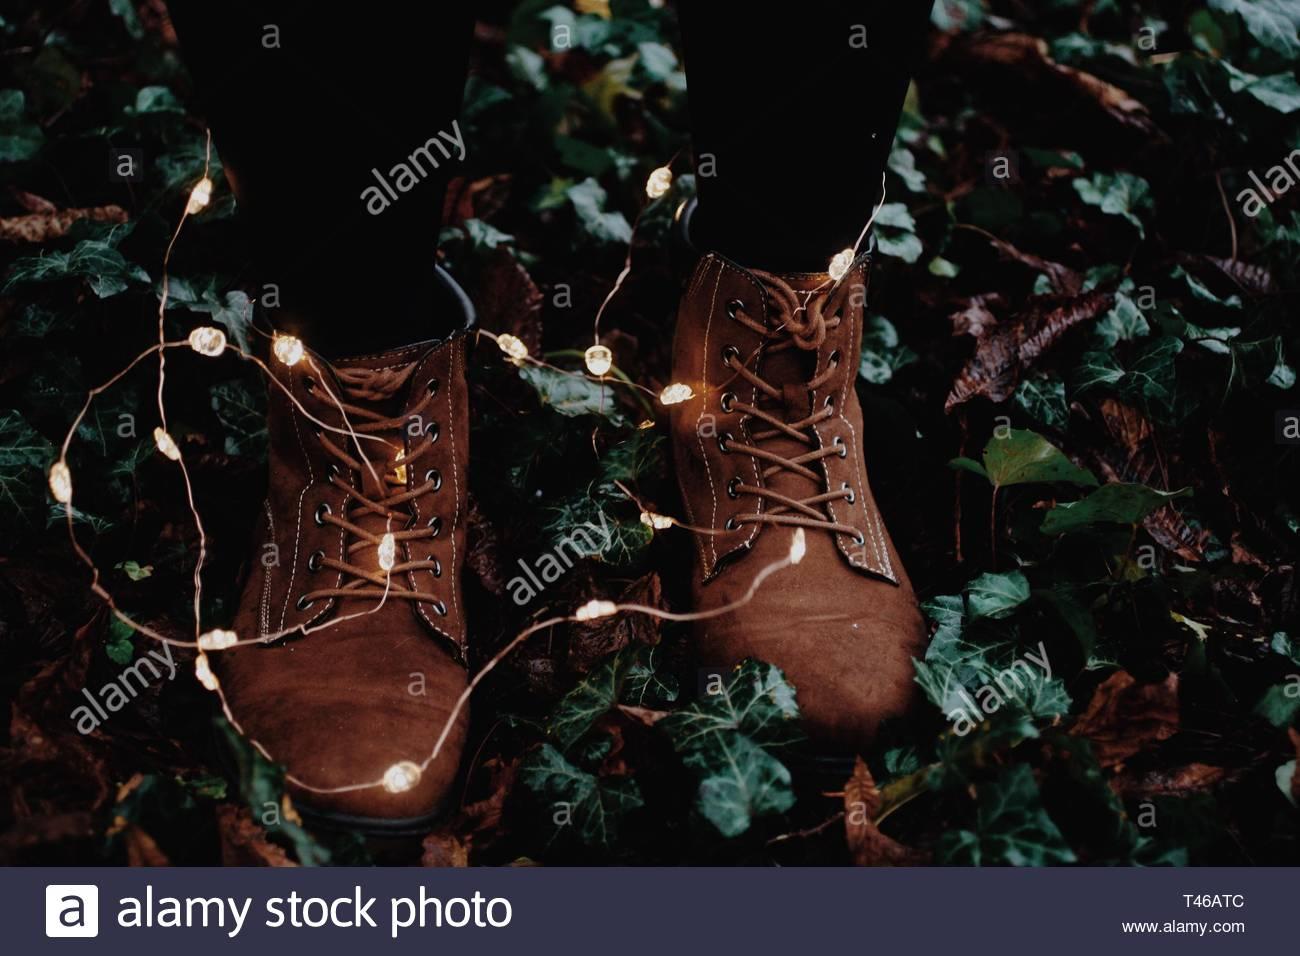 Metall Stiefel Aus Stockfotosamp; Bilder Aus Metall Stiefel Stockfotosamp; ygb67f